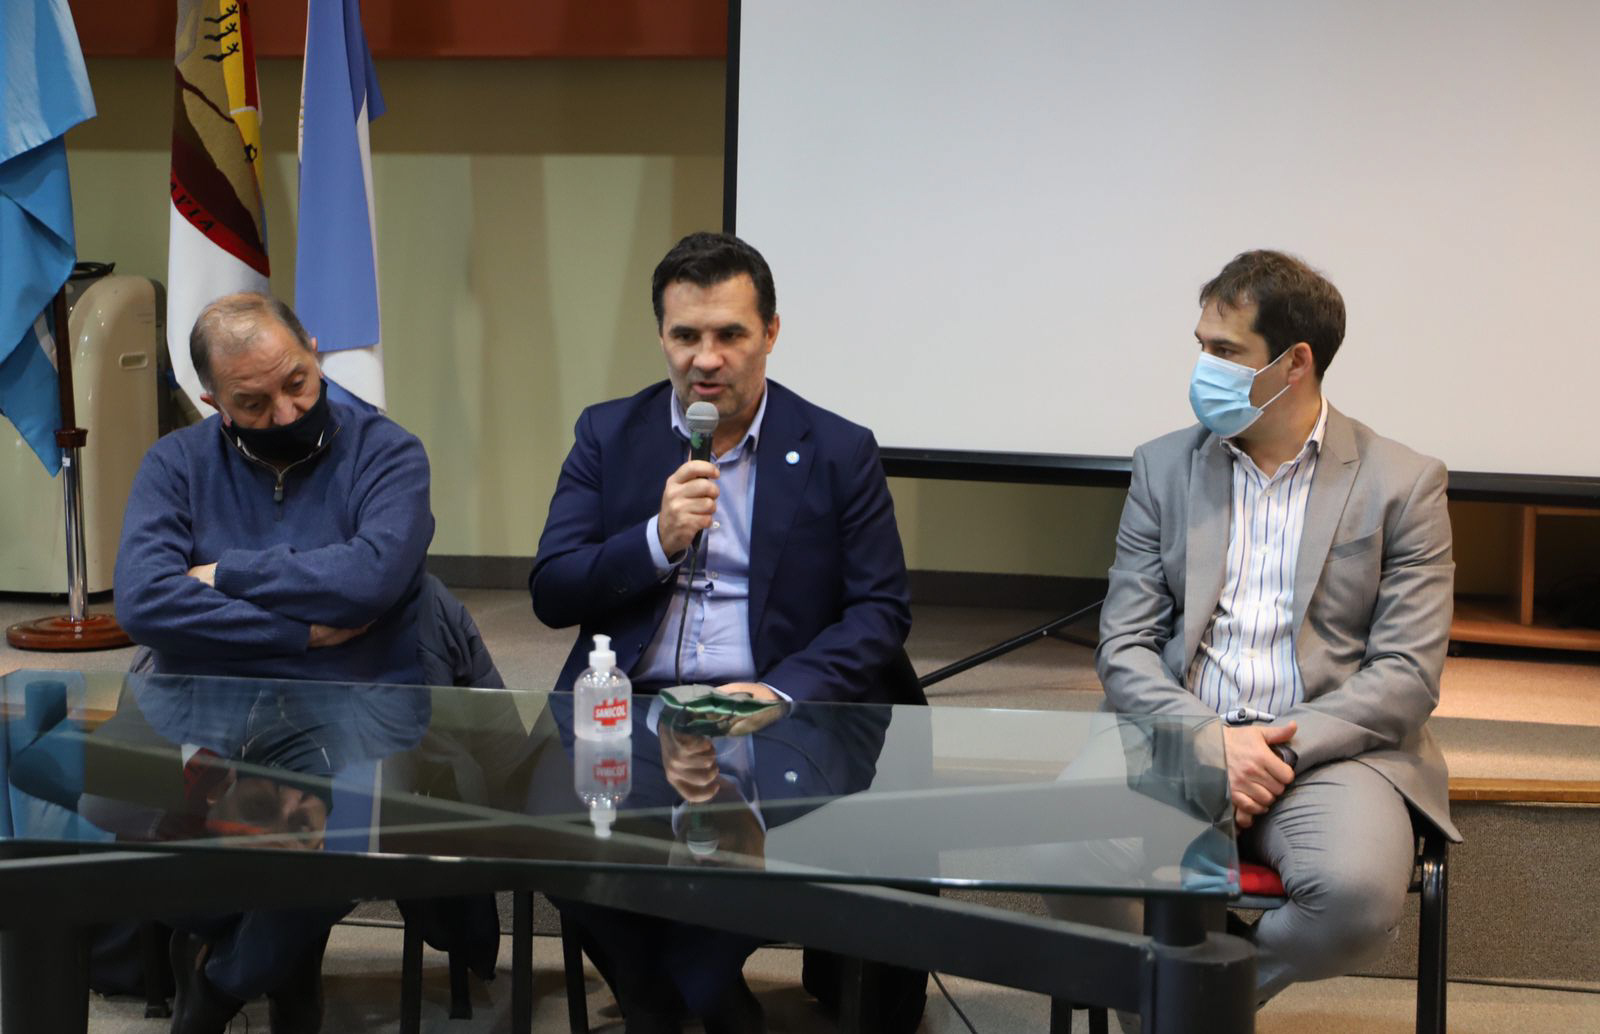 Martínez brindó una conferencia de prensa donde comentó sobre la Ley de Hidrocarburos.